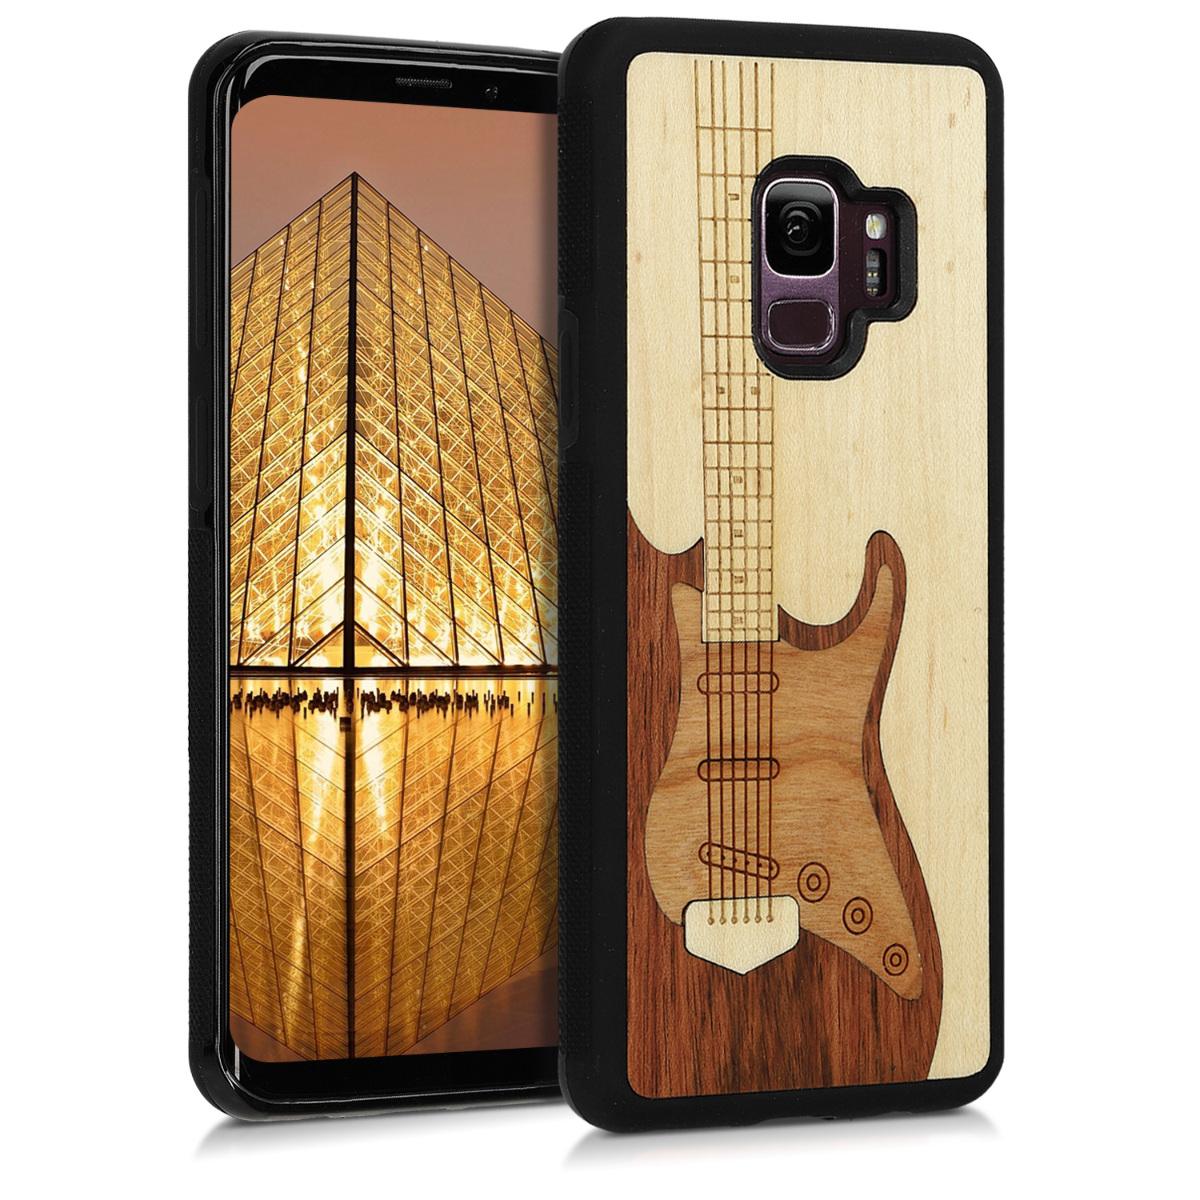 Dřevěné pouzdro pro Samsung S9 - Kytara vykládané dřevěné tmavě hnědé / hnědé / světle  hnědá